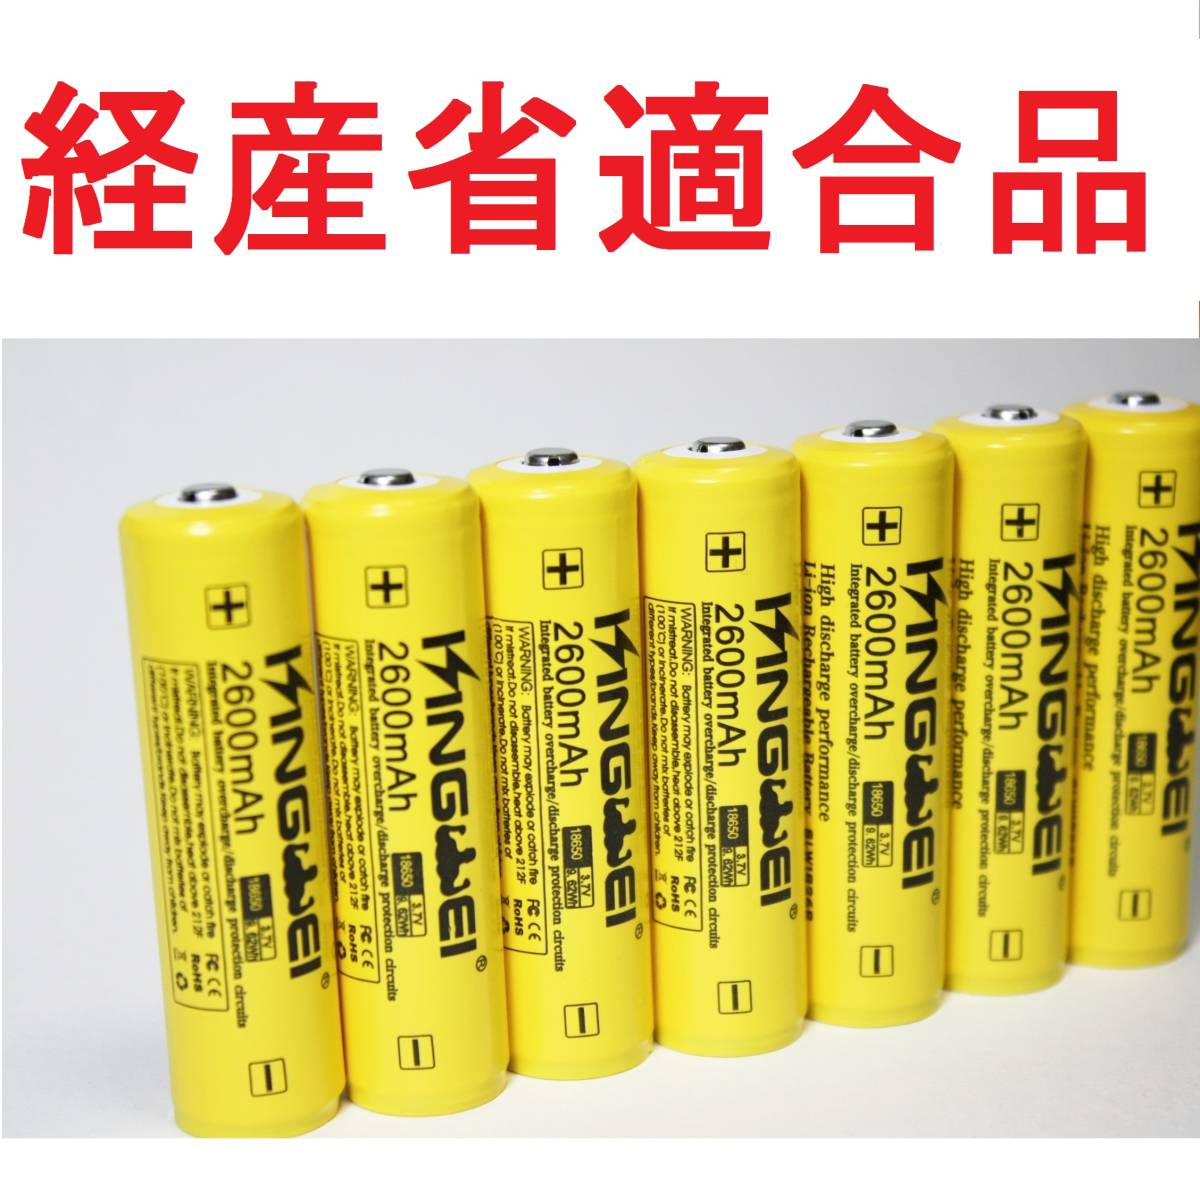 1円 正規容量 18650 経済産業省適合品 大容量 リチウムイオン 充電池 バッテリー 懐中電灯 ヘッドライト b